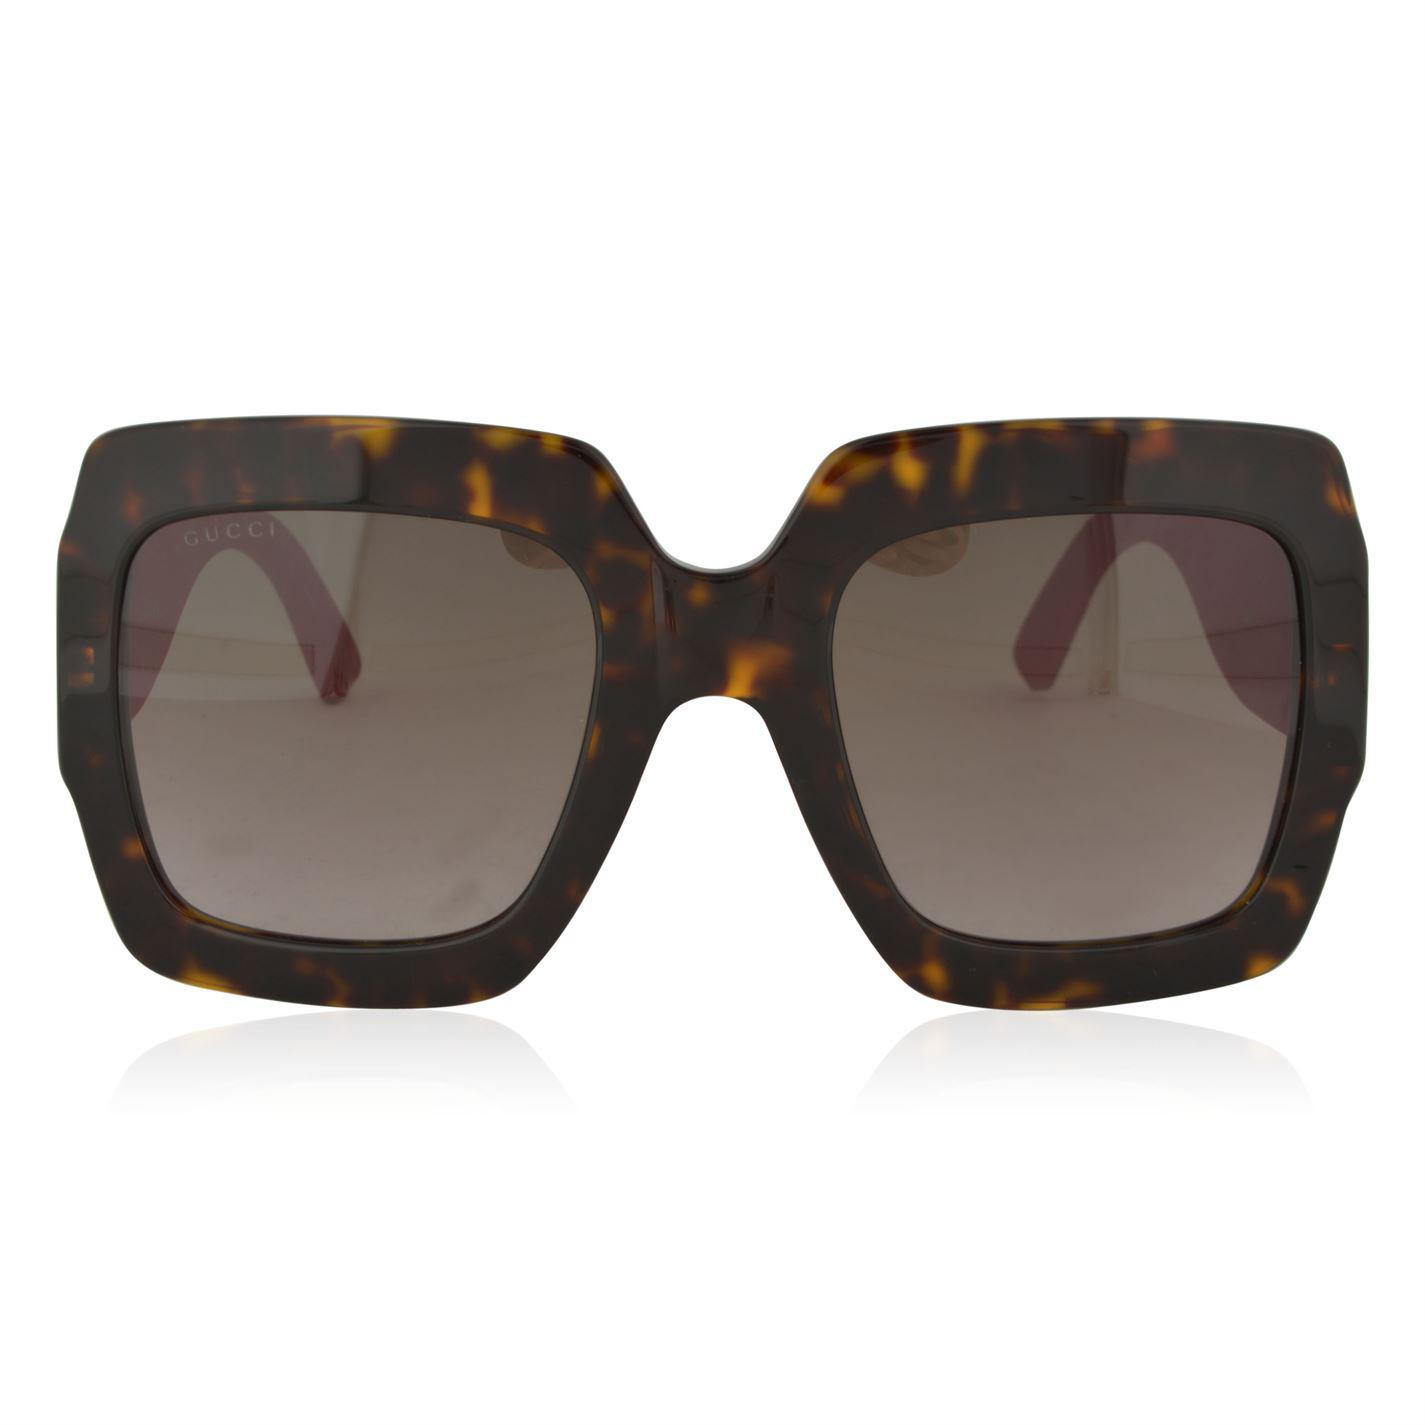 e23e876f1d1 Gucci. Women s Gg0102s Oversize Square Frame Acetate Sunglasses